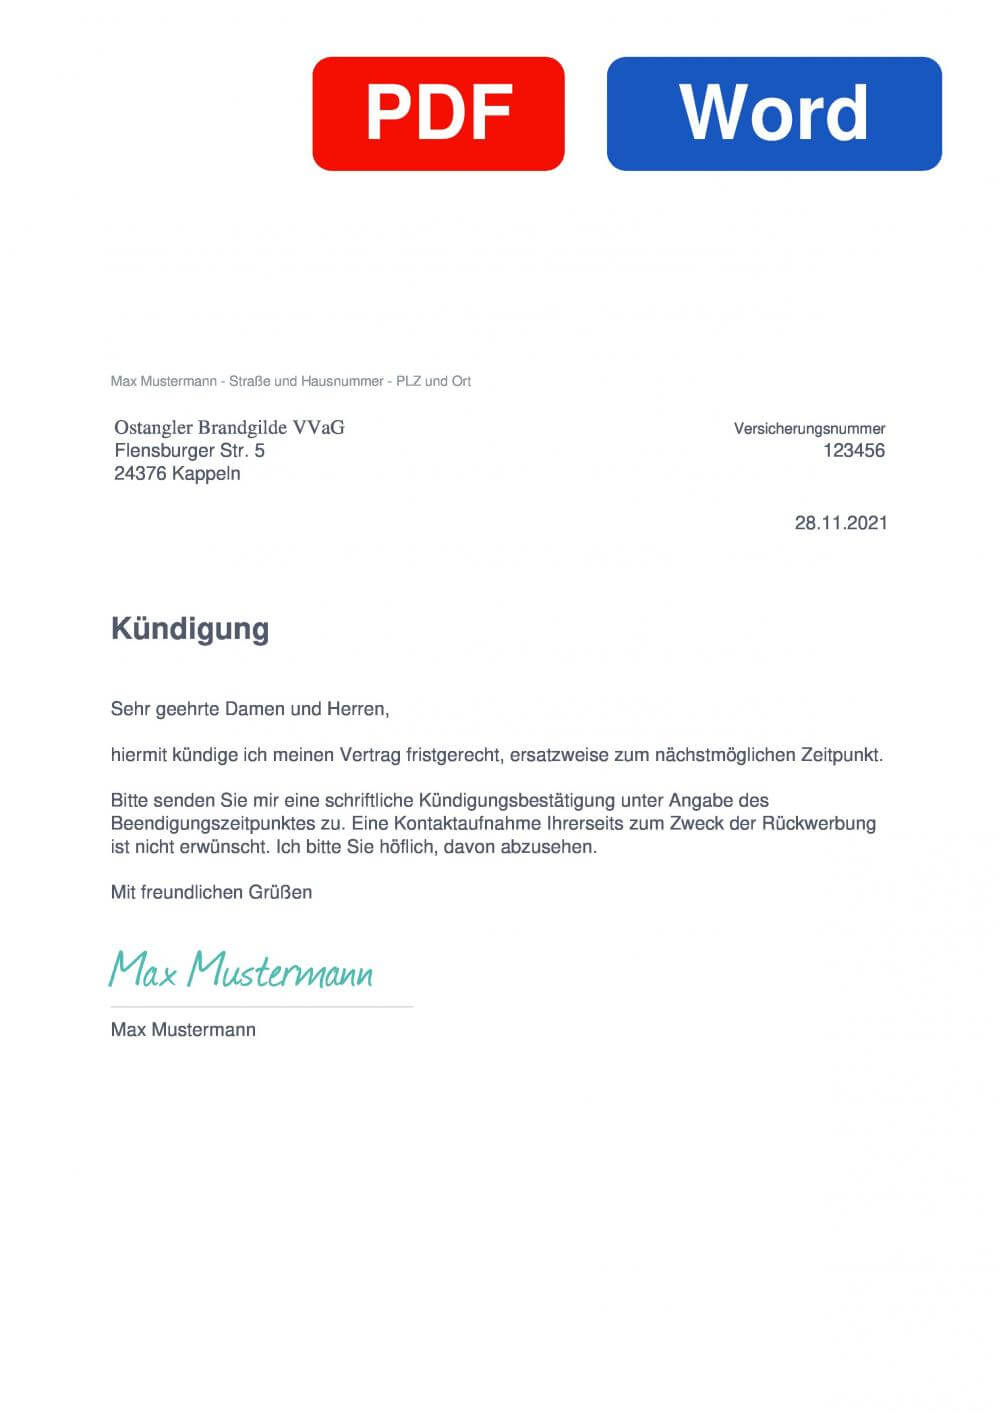 Ostangler Versicherung Muster Vorlage für Kündigungsschreiben